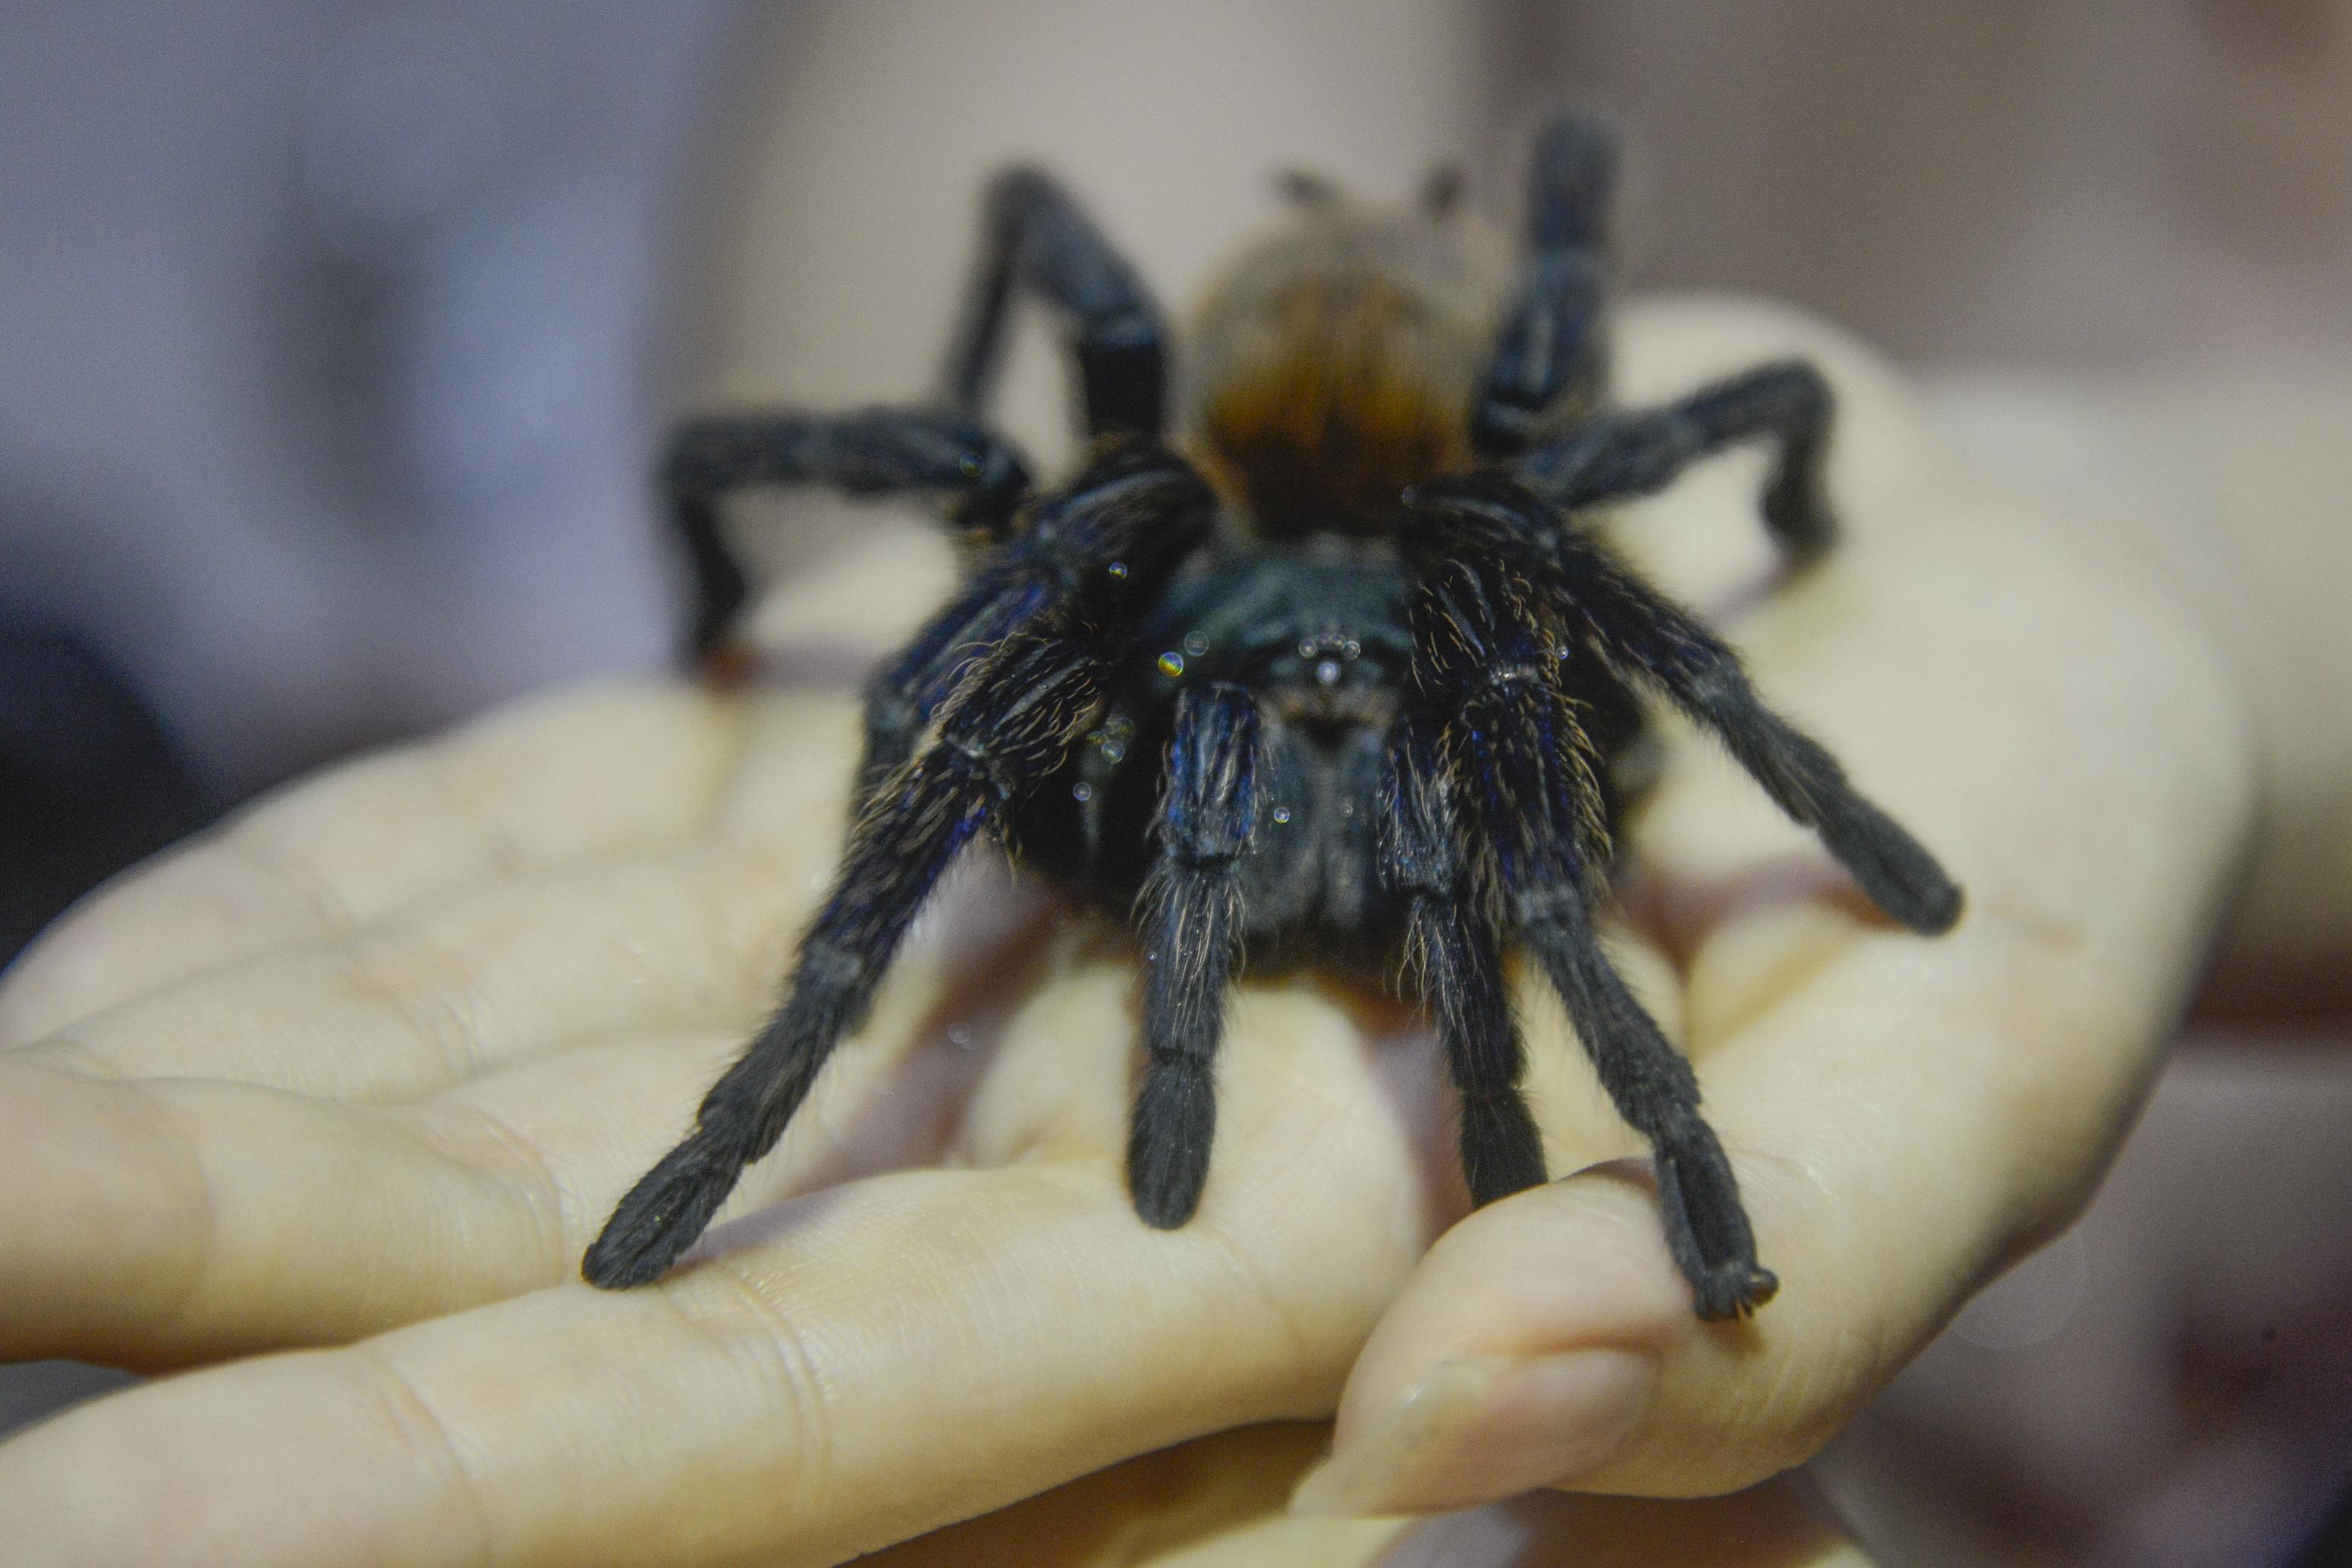 1678625-زوج-يشترى-عنكبوت-من-أجل-تخويف-حماته